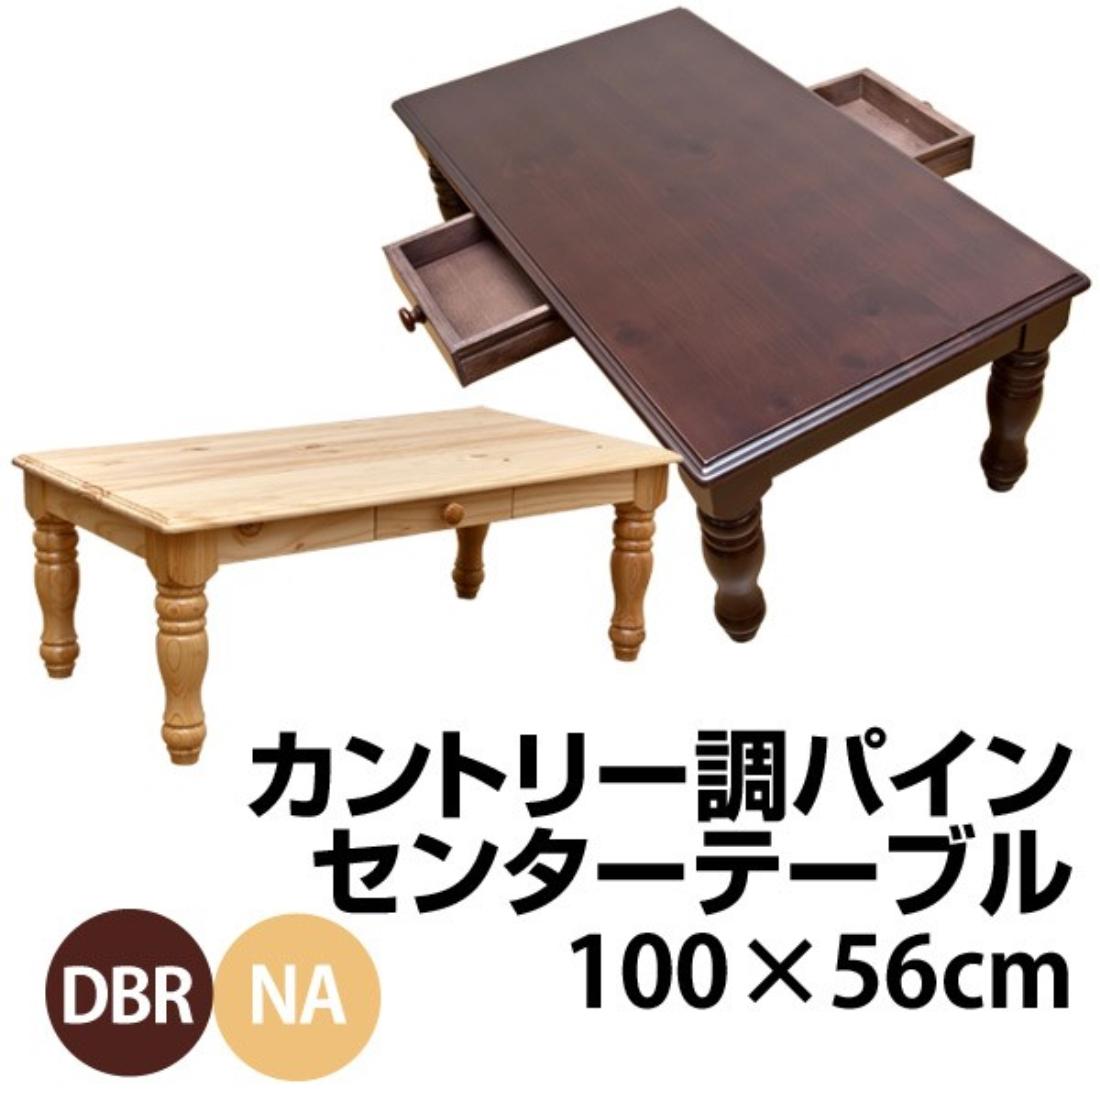 インテリア 家具 机 テーブル カントリー調パインセンターテーブル【離島・日時指定不可】